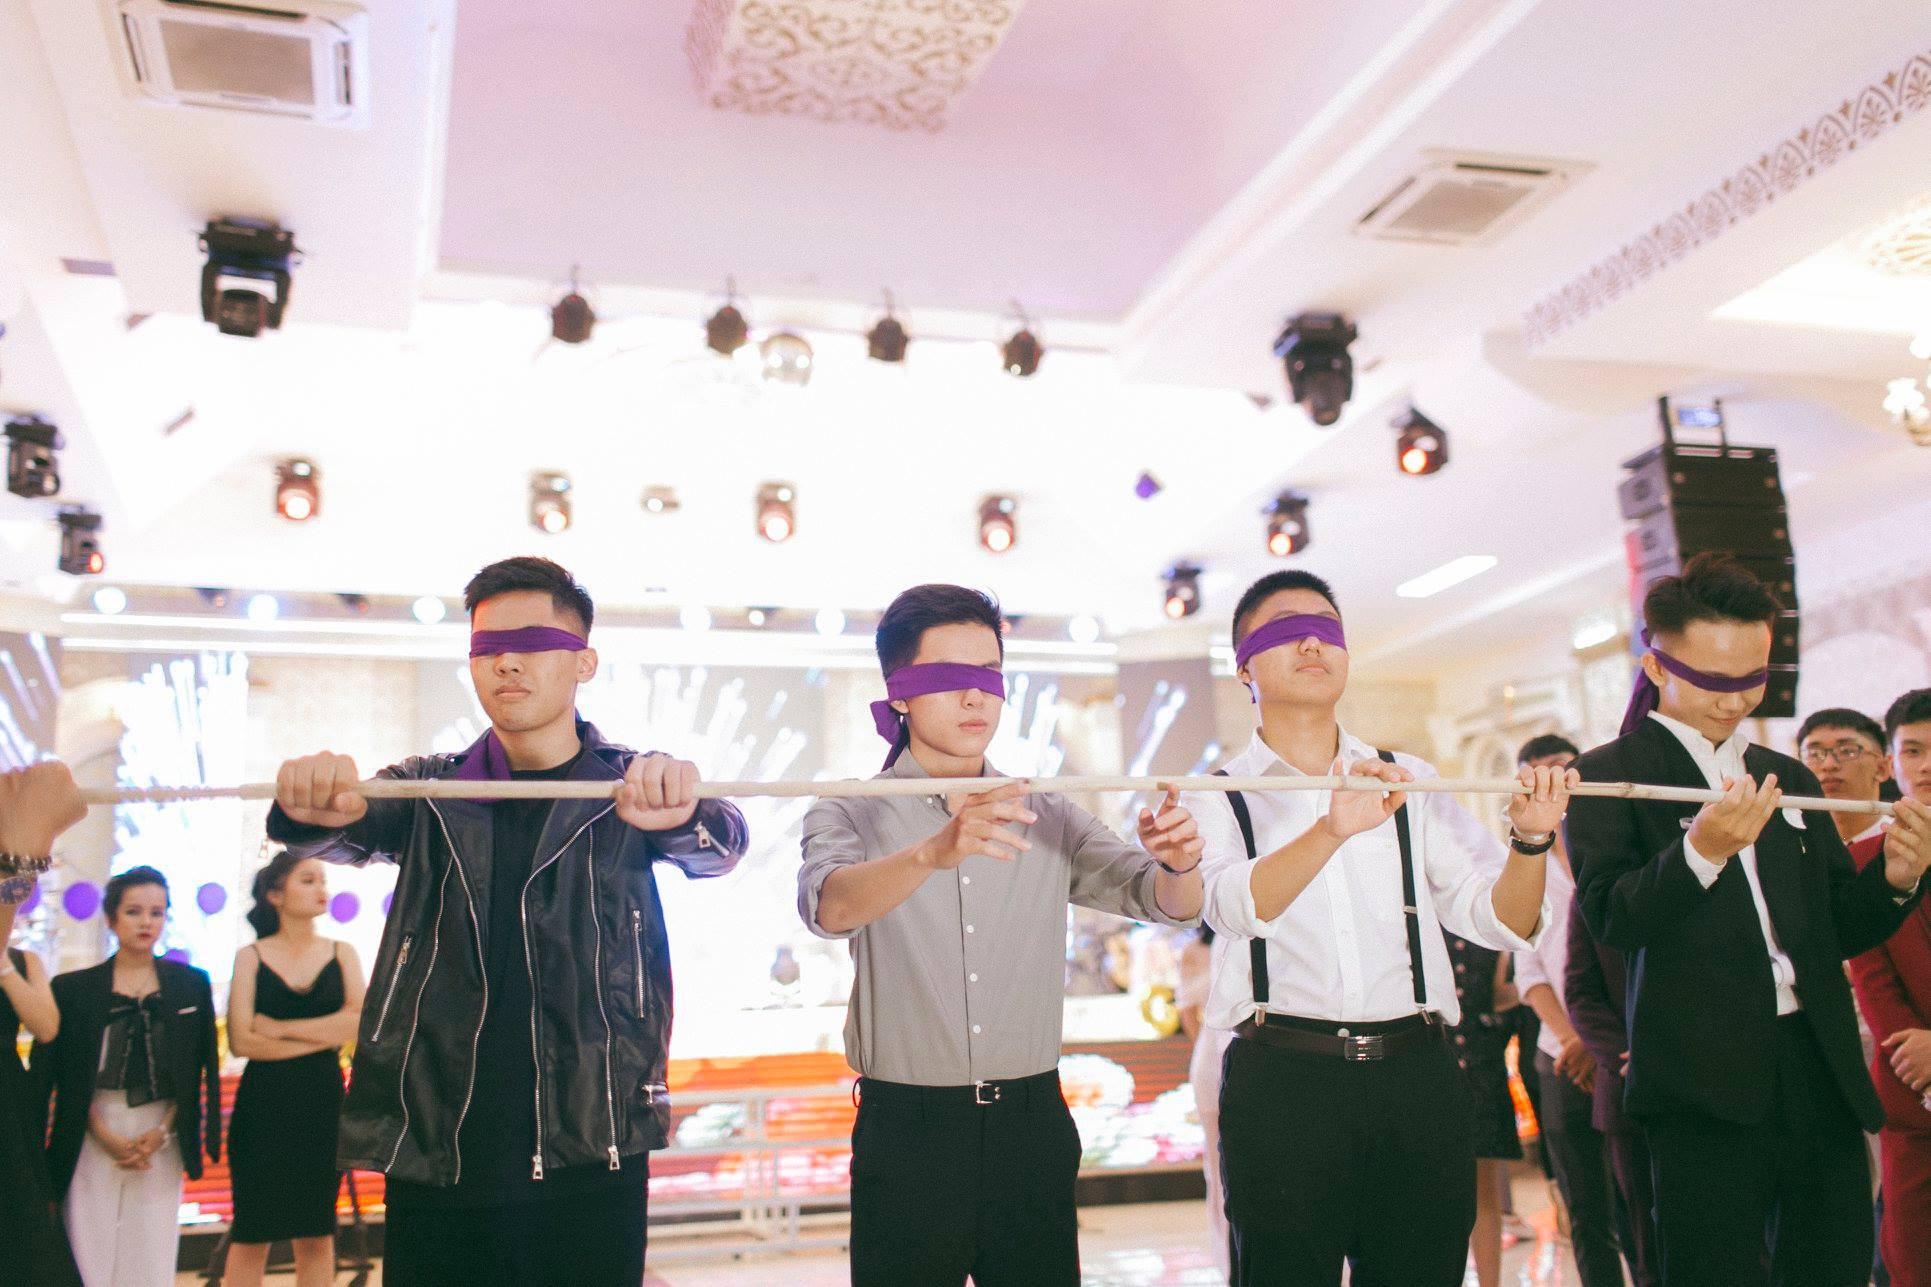 Không chỉ RMIT, trường chuyên phố núi Kon Tum cũng khiến chúng ta đã mắt với dàn trai xinh gái đẹp trong tiệc prom - Ảnh 9.